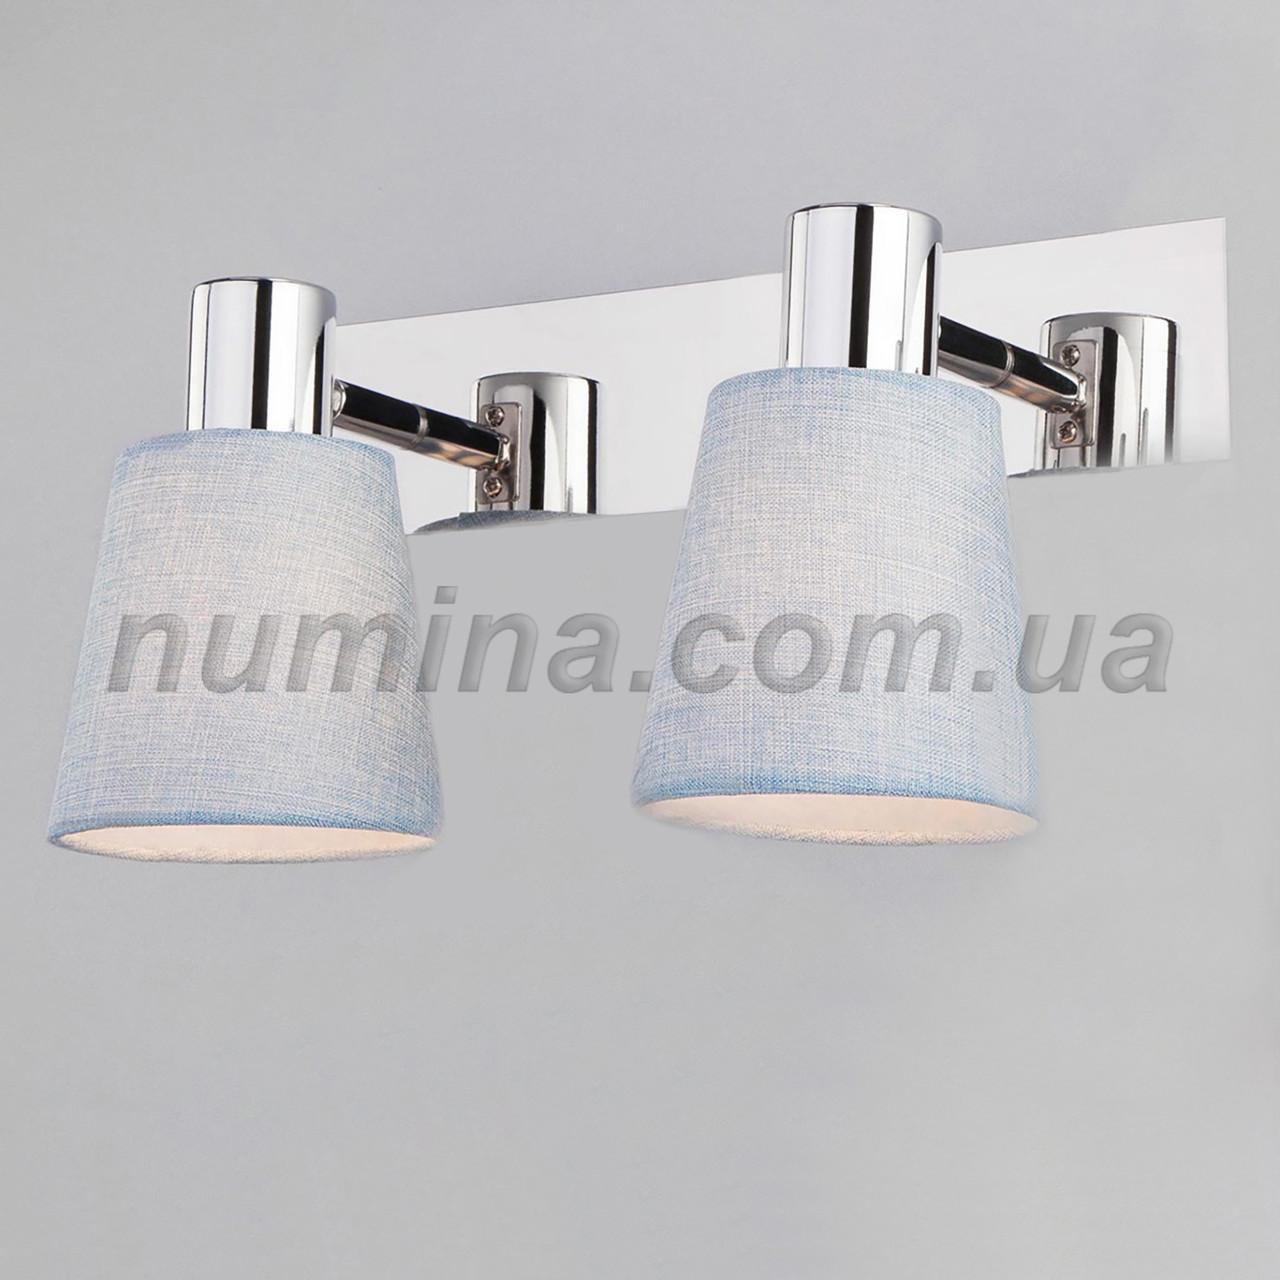 Бра на 2 лампы 29-S254/2 CR+BR